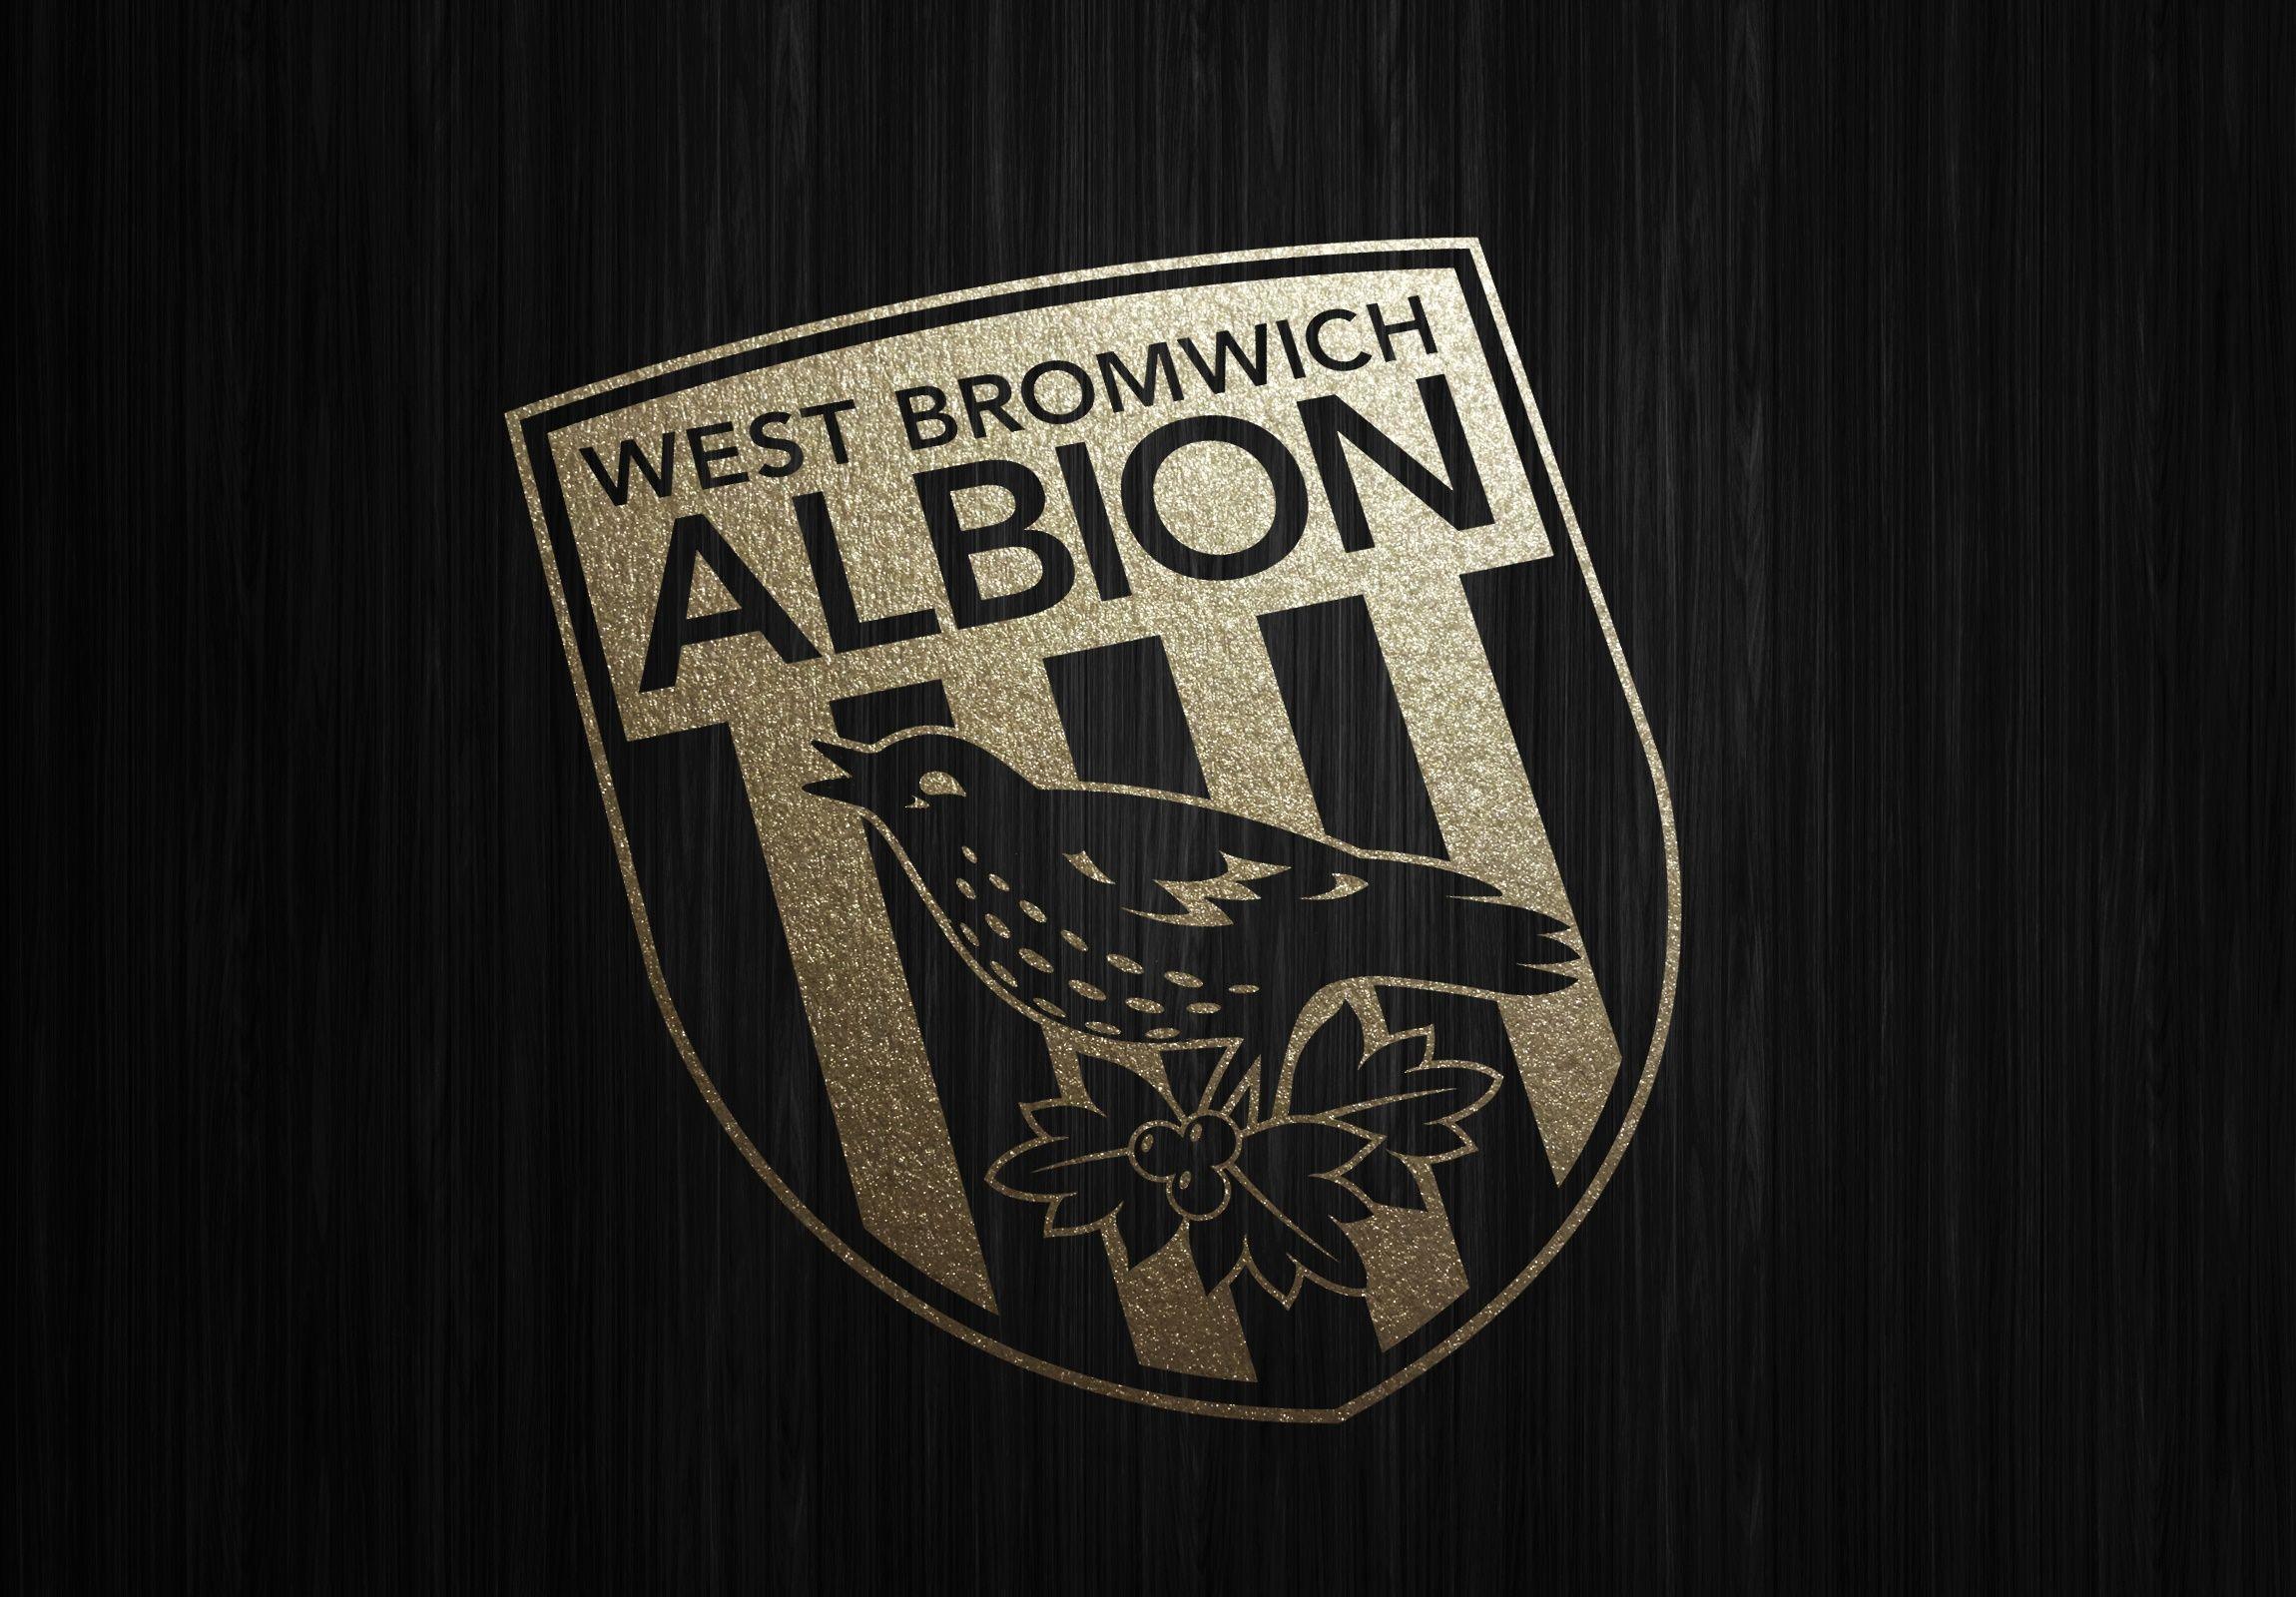 футбол 1 Wallpaper: West Bromwich Albion Gold Wallpaper HD